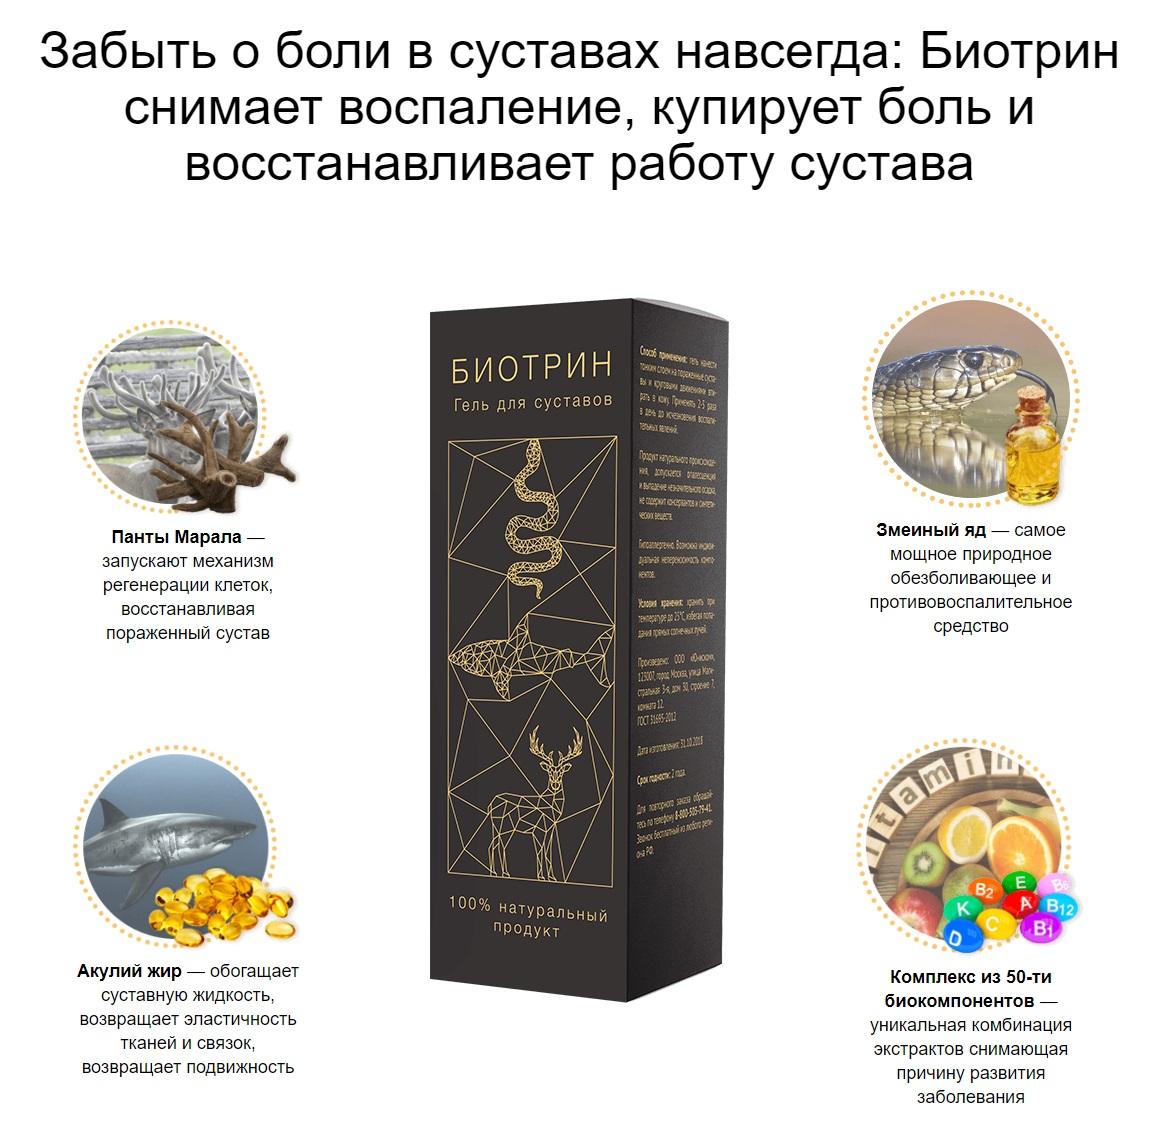 Уникальный природный состав Биотрин